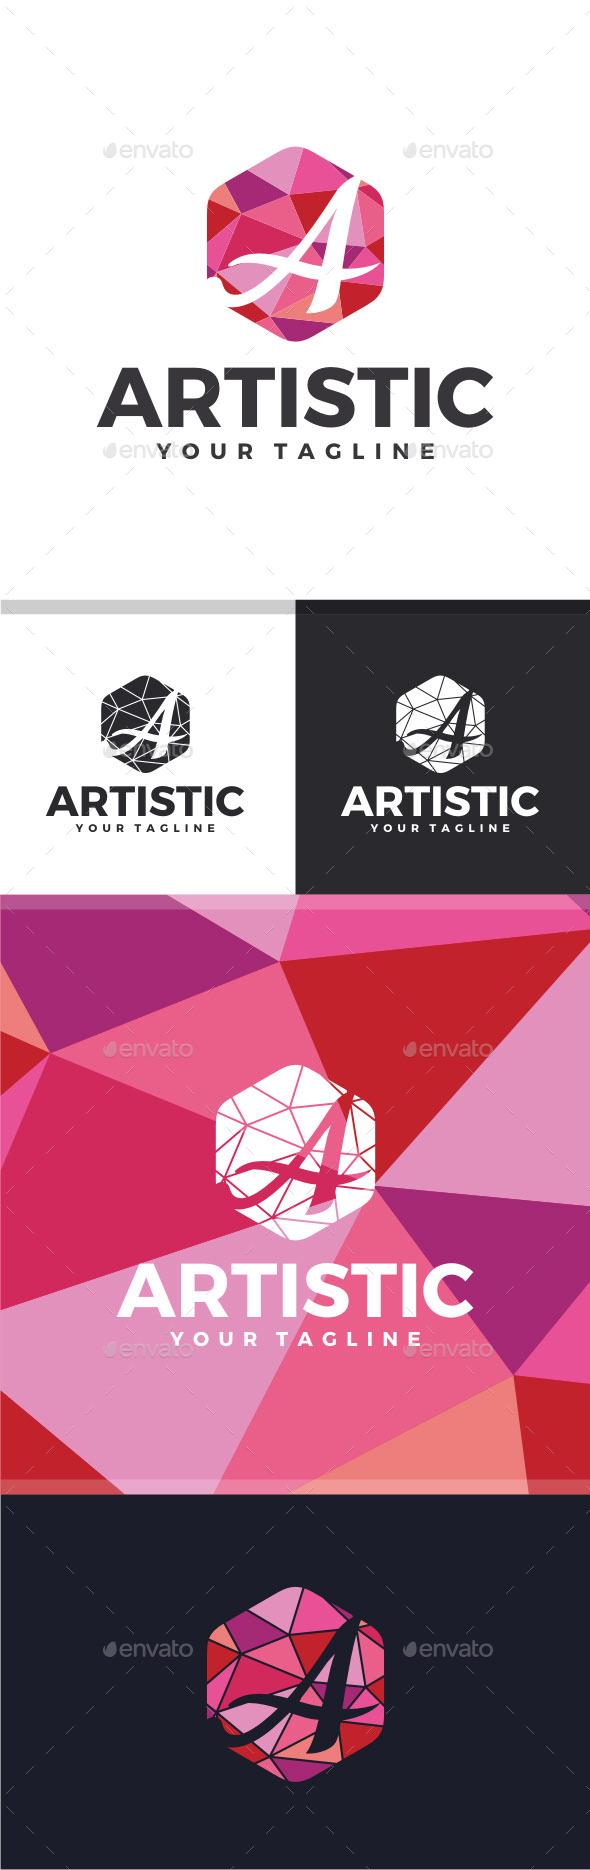 GraphicRiver Artistic Letter A Logo 11538614